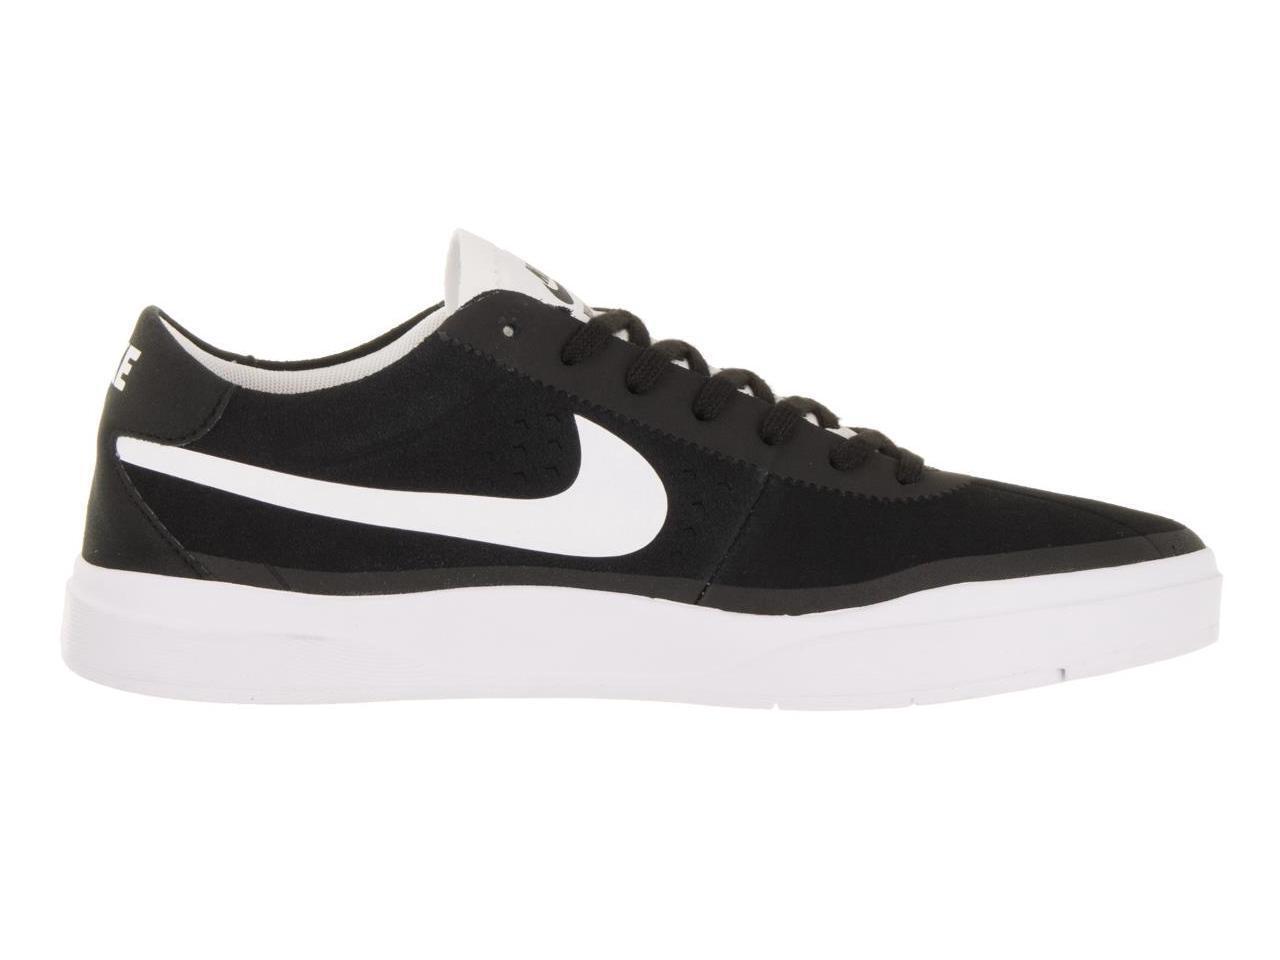 Nike SB Bruin Hyperfeel in Black White White - Men's 6 - 12 NWT 831756-001